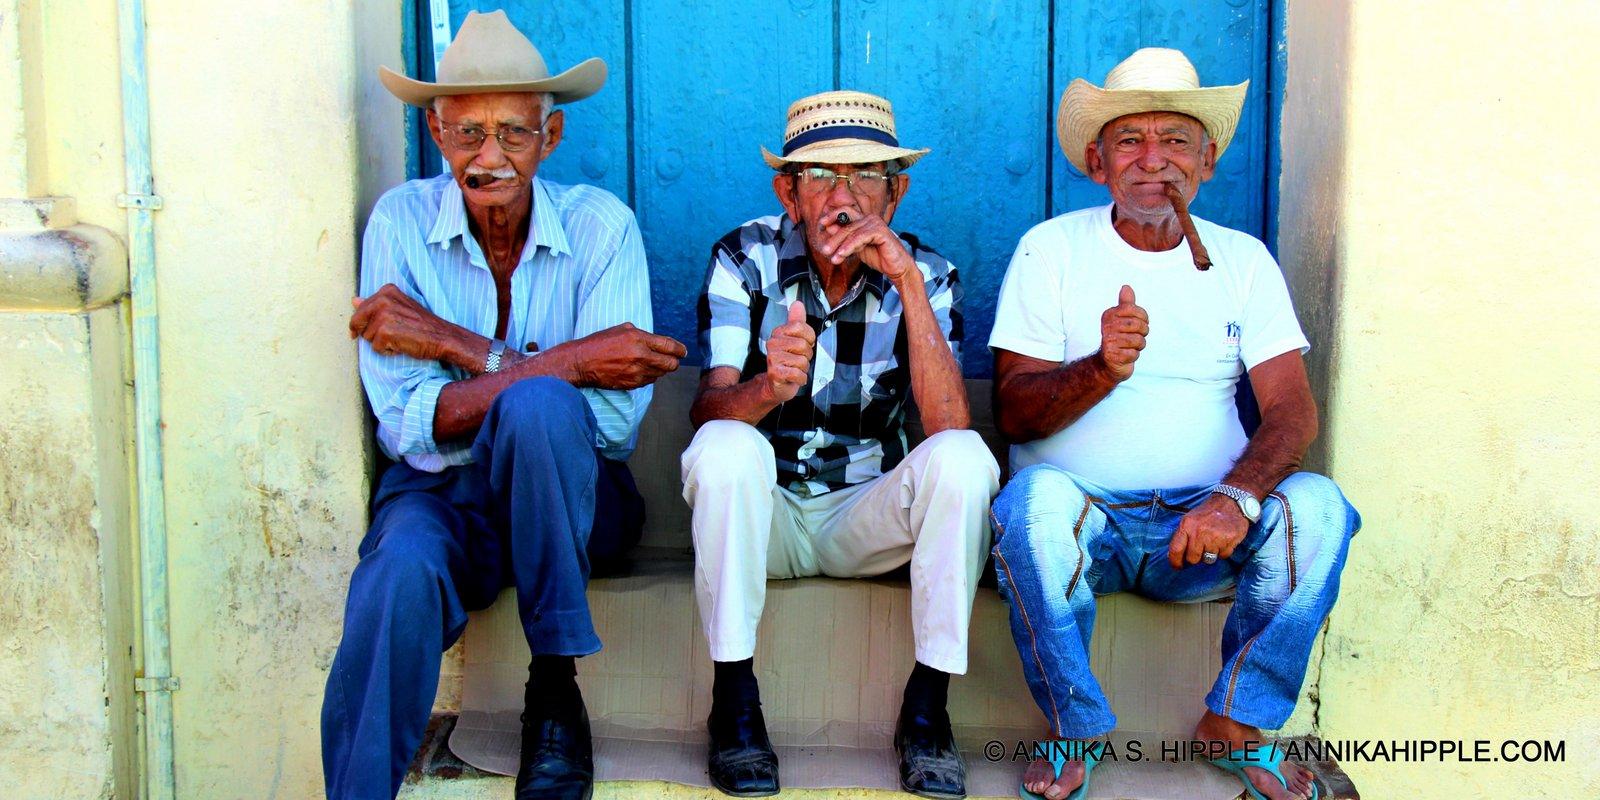 Cuban men with cigars